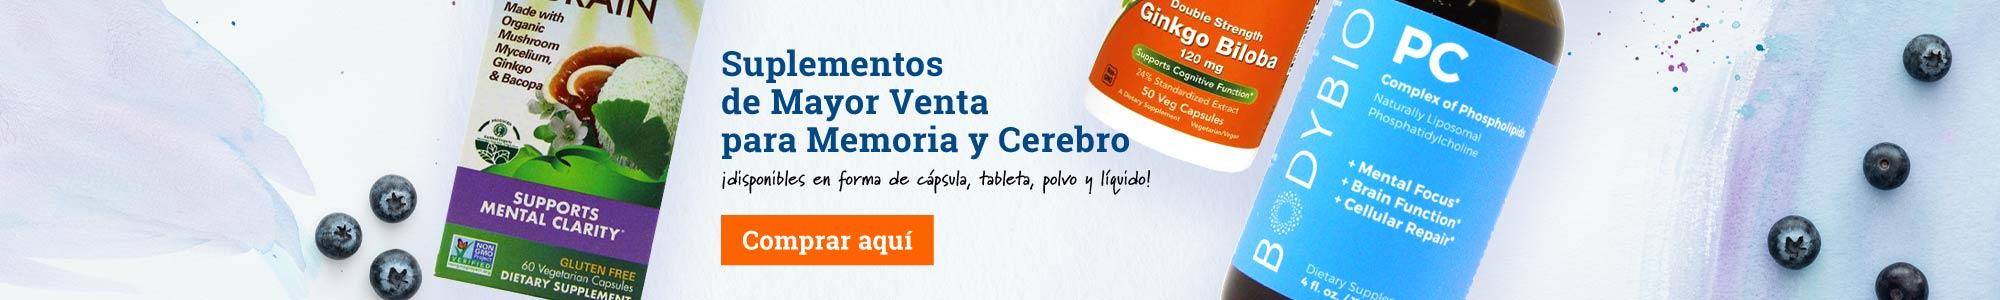 Suplementos de Mayor Venta para Memoria y Cerebro ¡disponibles en forma de cápsula, tableta, polvo y líquido! Comprar aquí